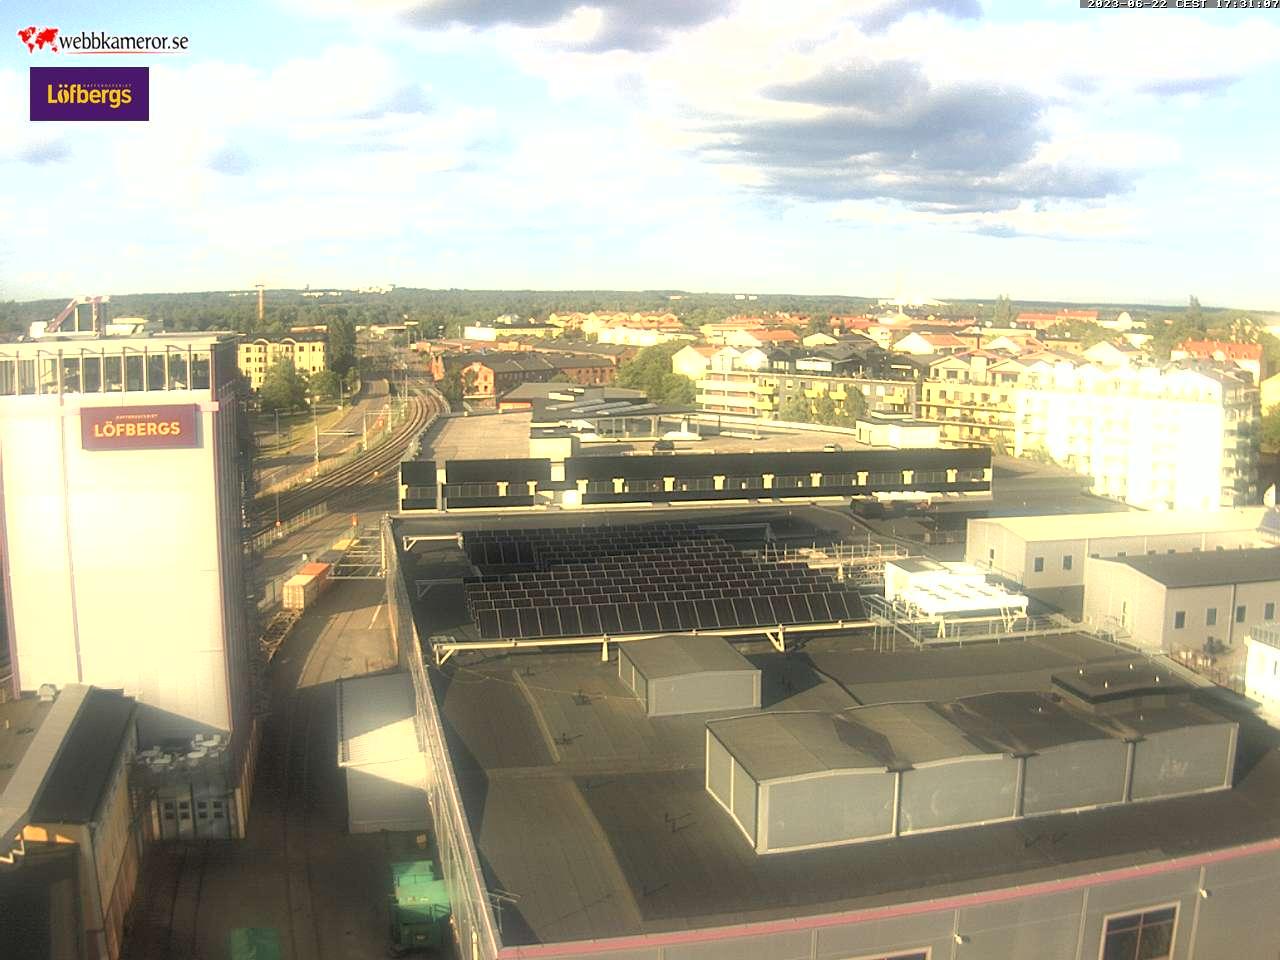 Webbkamera - Karlstad